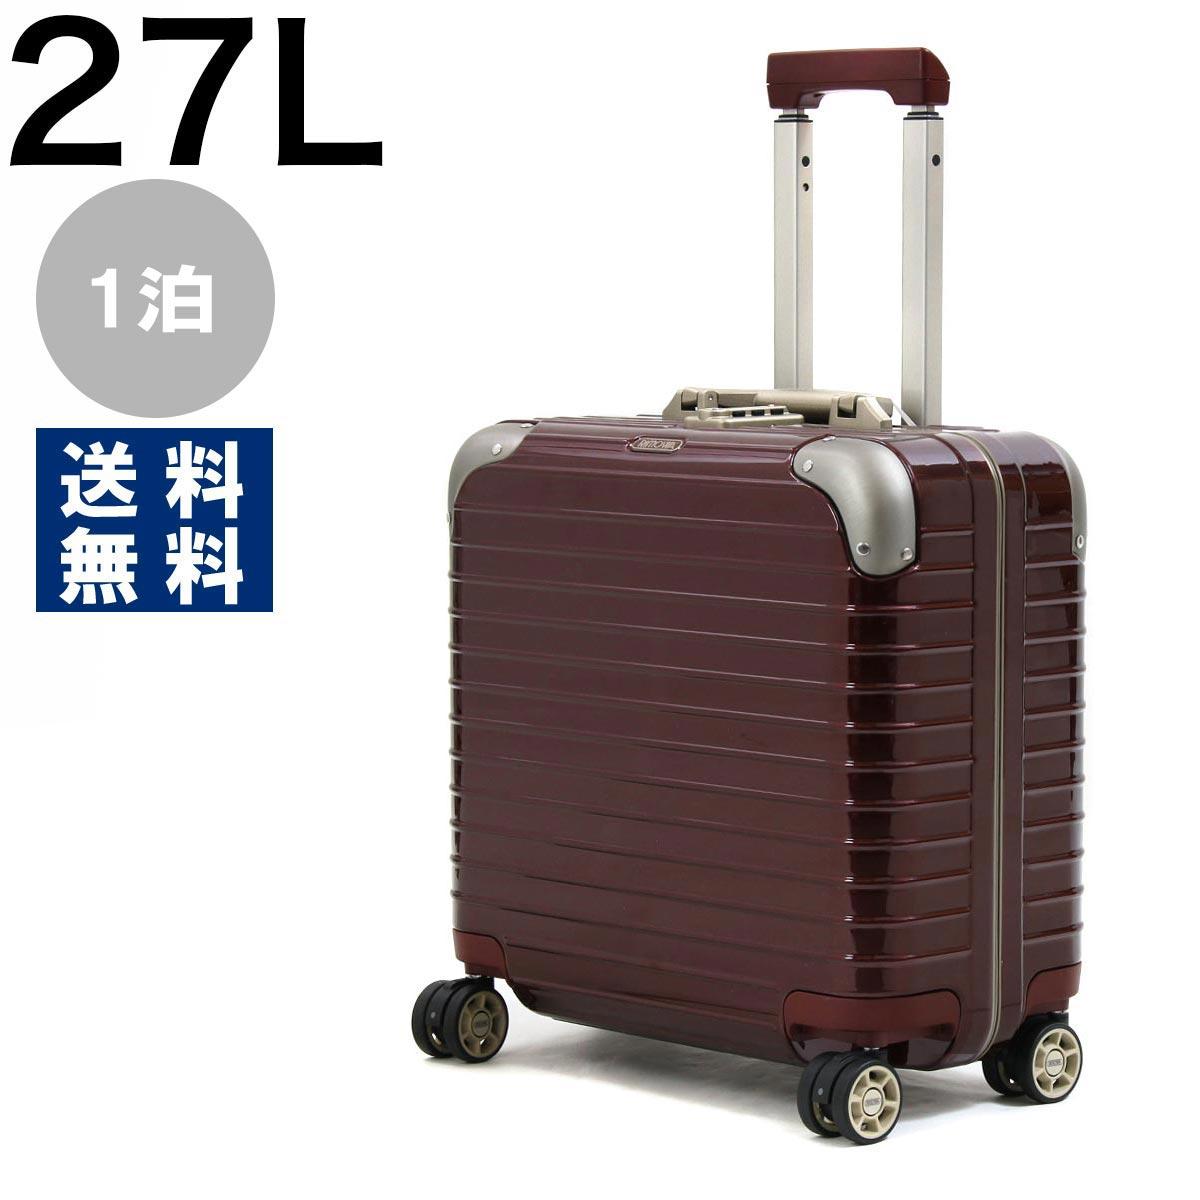 リモワ スーツケース/旅行用バッグ バッグ メンズ レディース リンボ 27L 1泊 カルモナレッド 881.40.34.4 RIMOWA